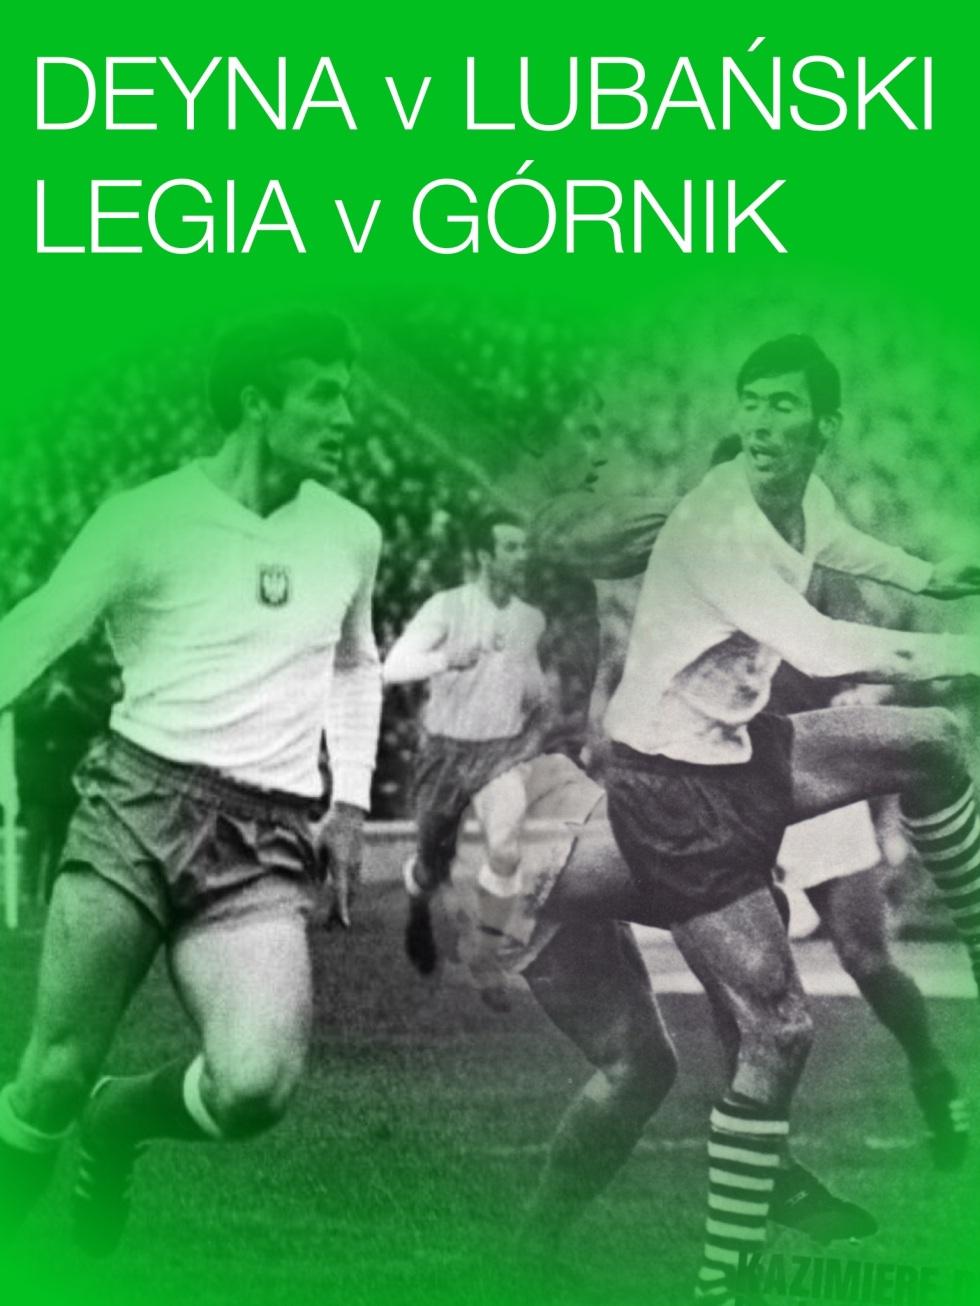 Legia v Górnik, Deyna v Lubański